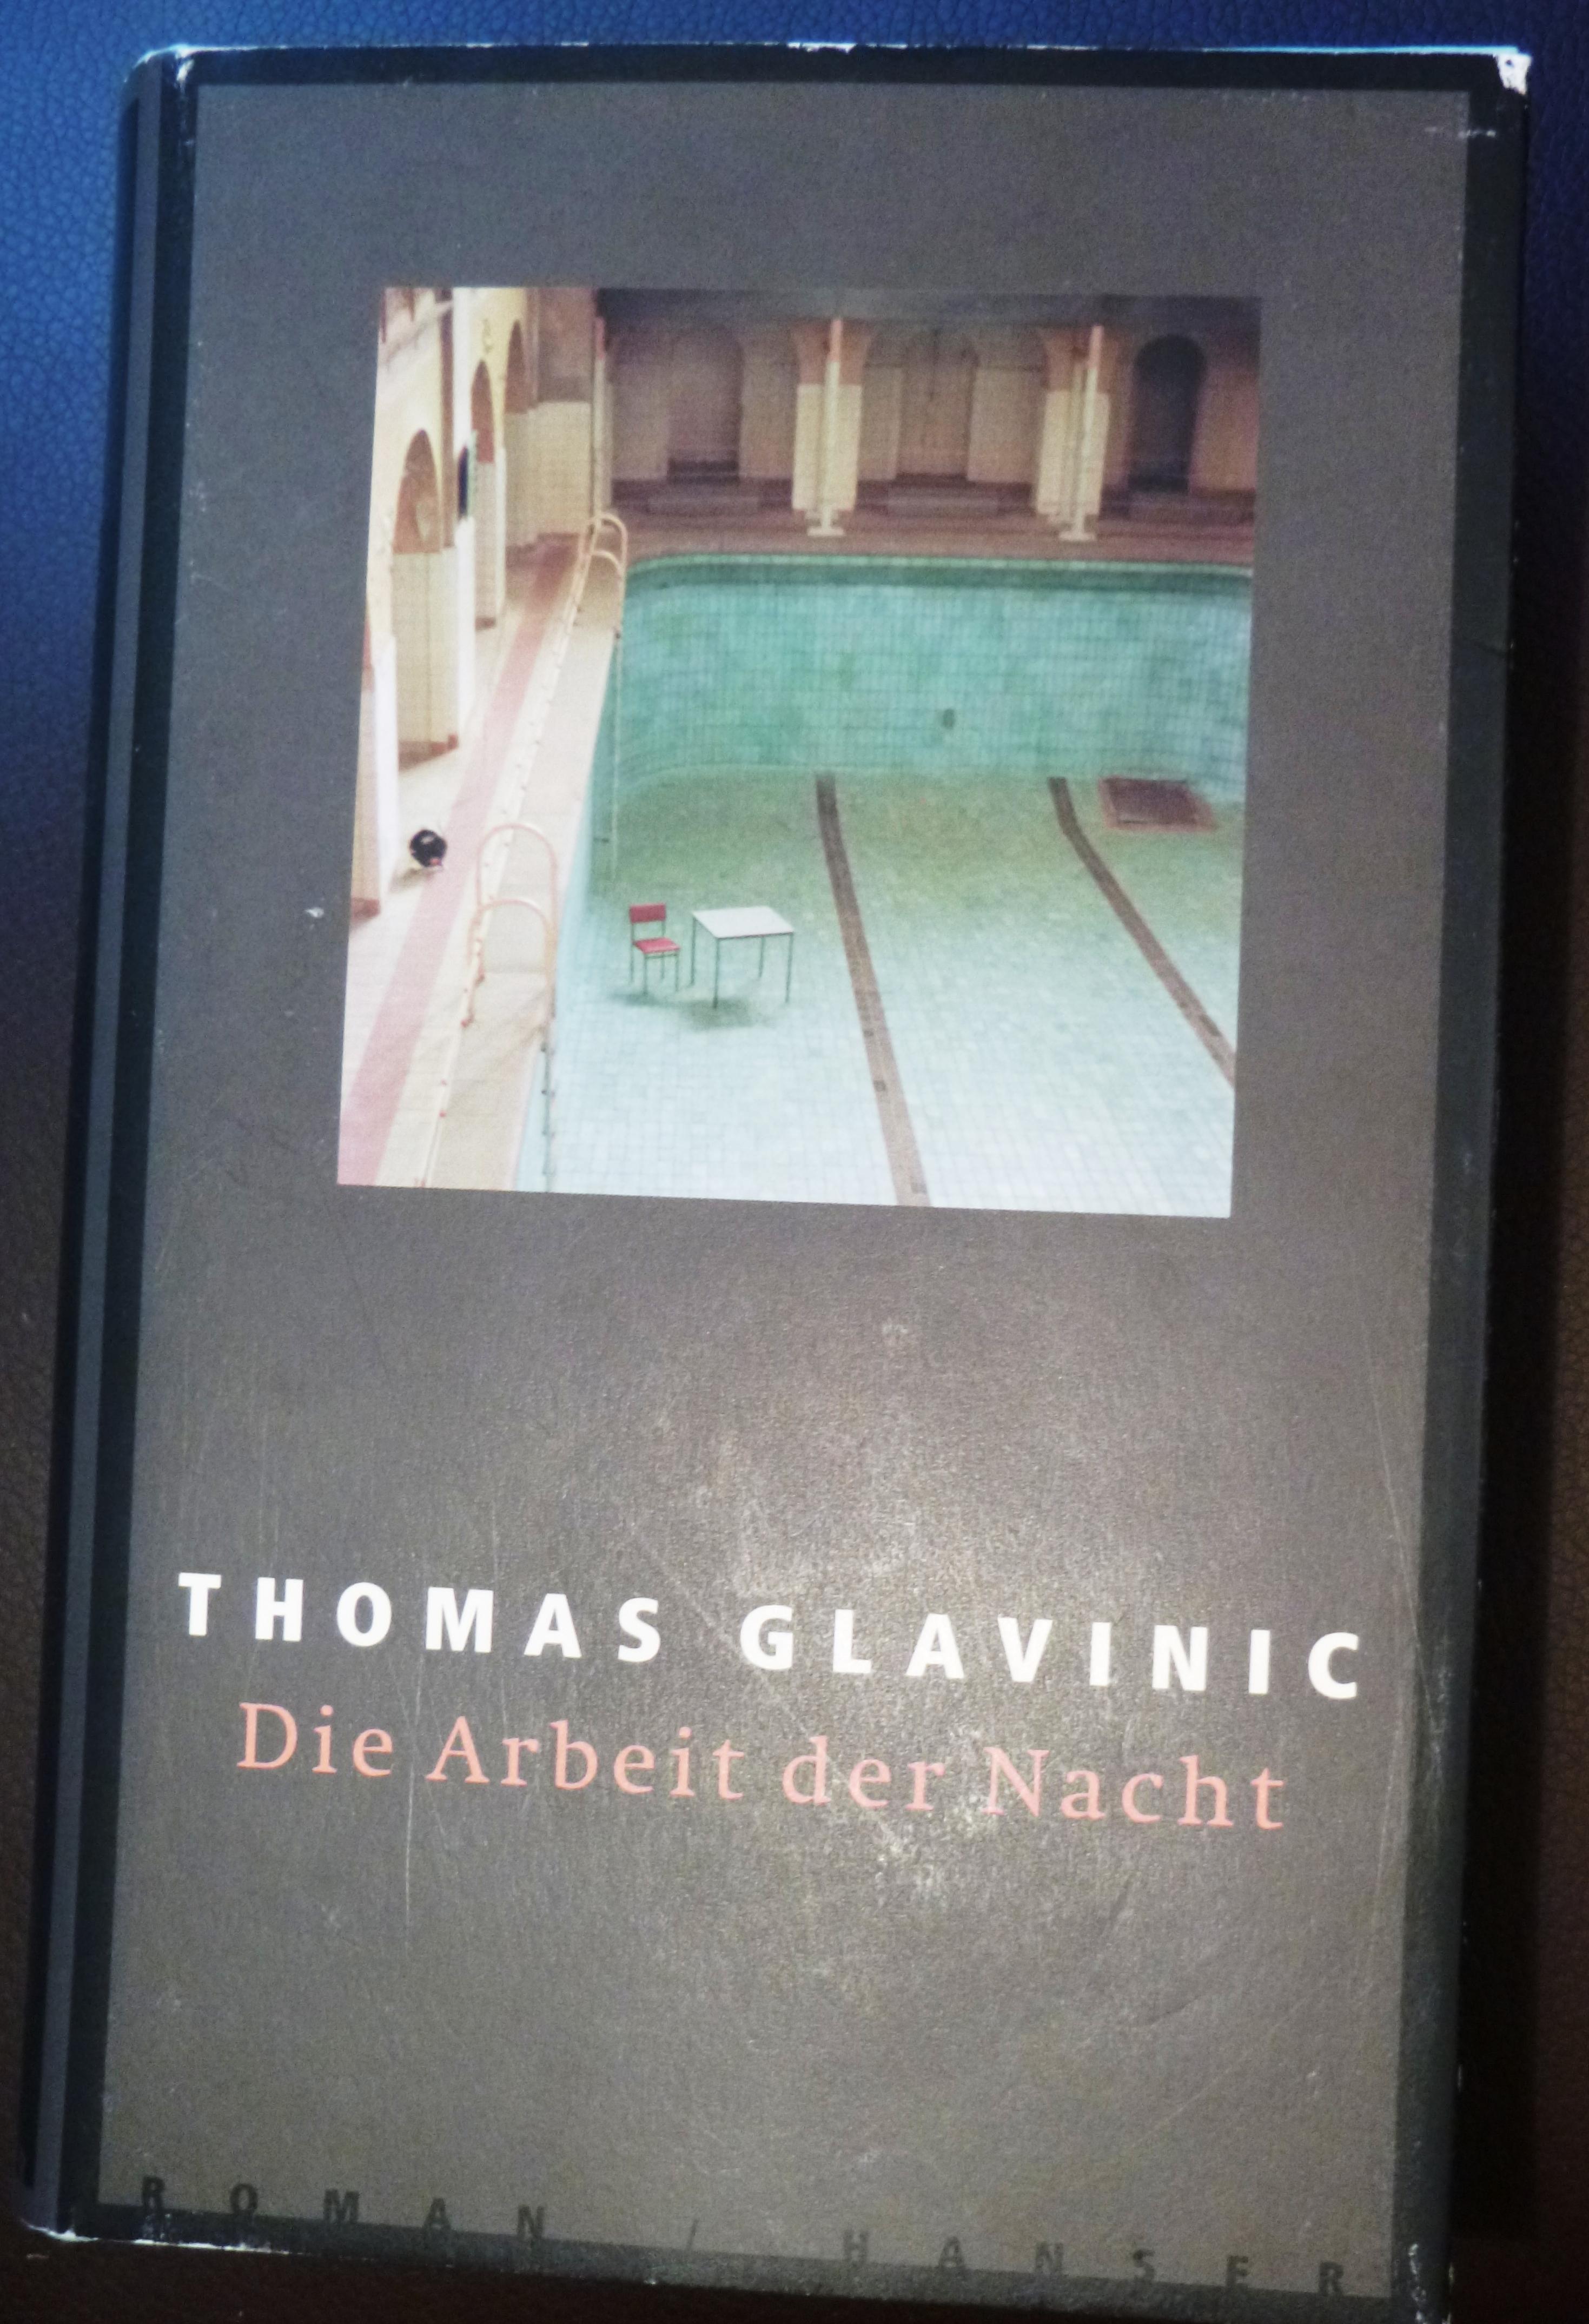 Die Arbeit der Nacht - Thomas Glavinic